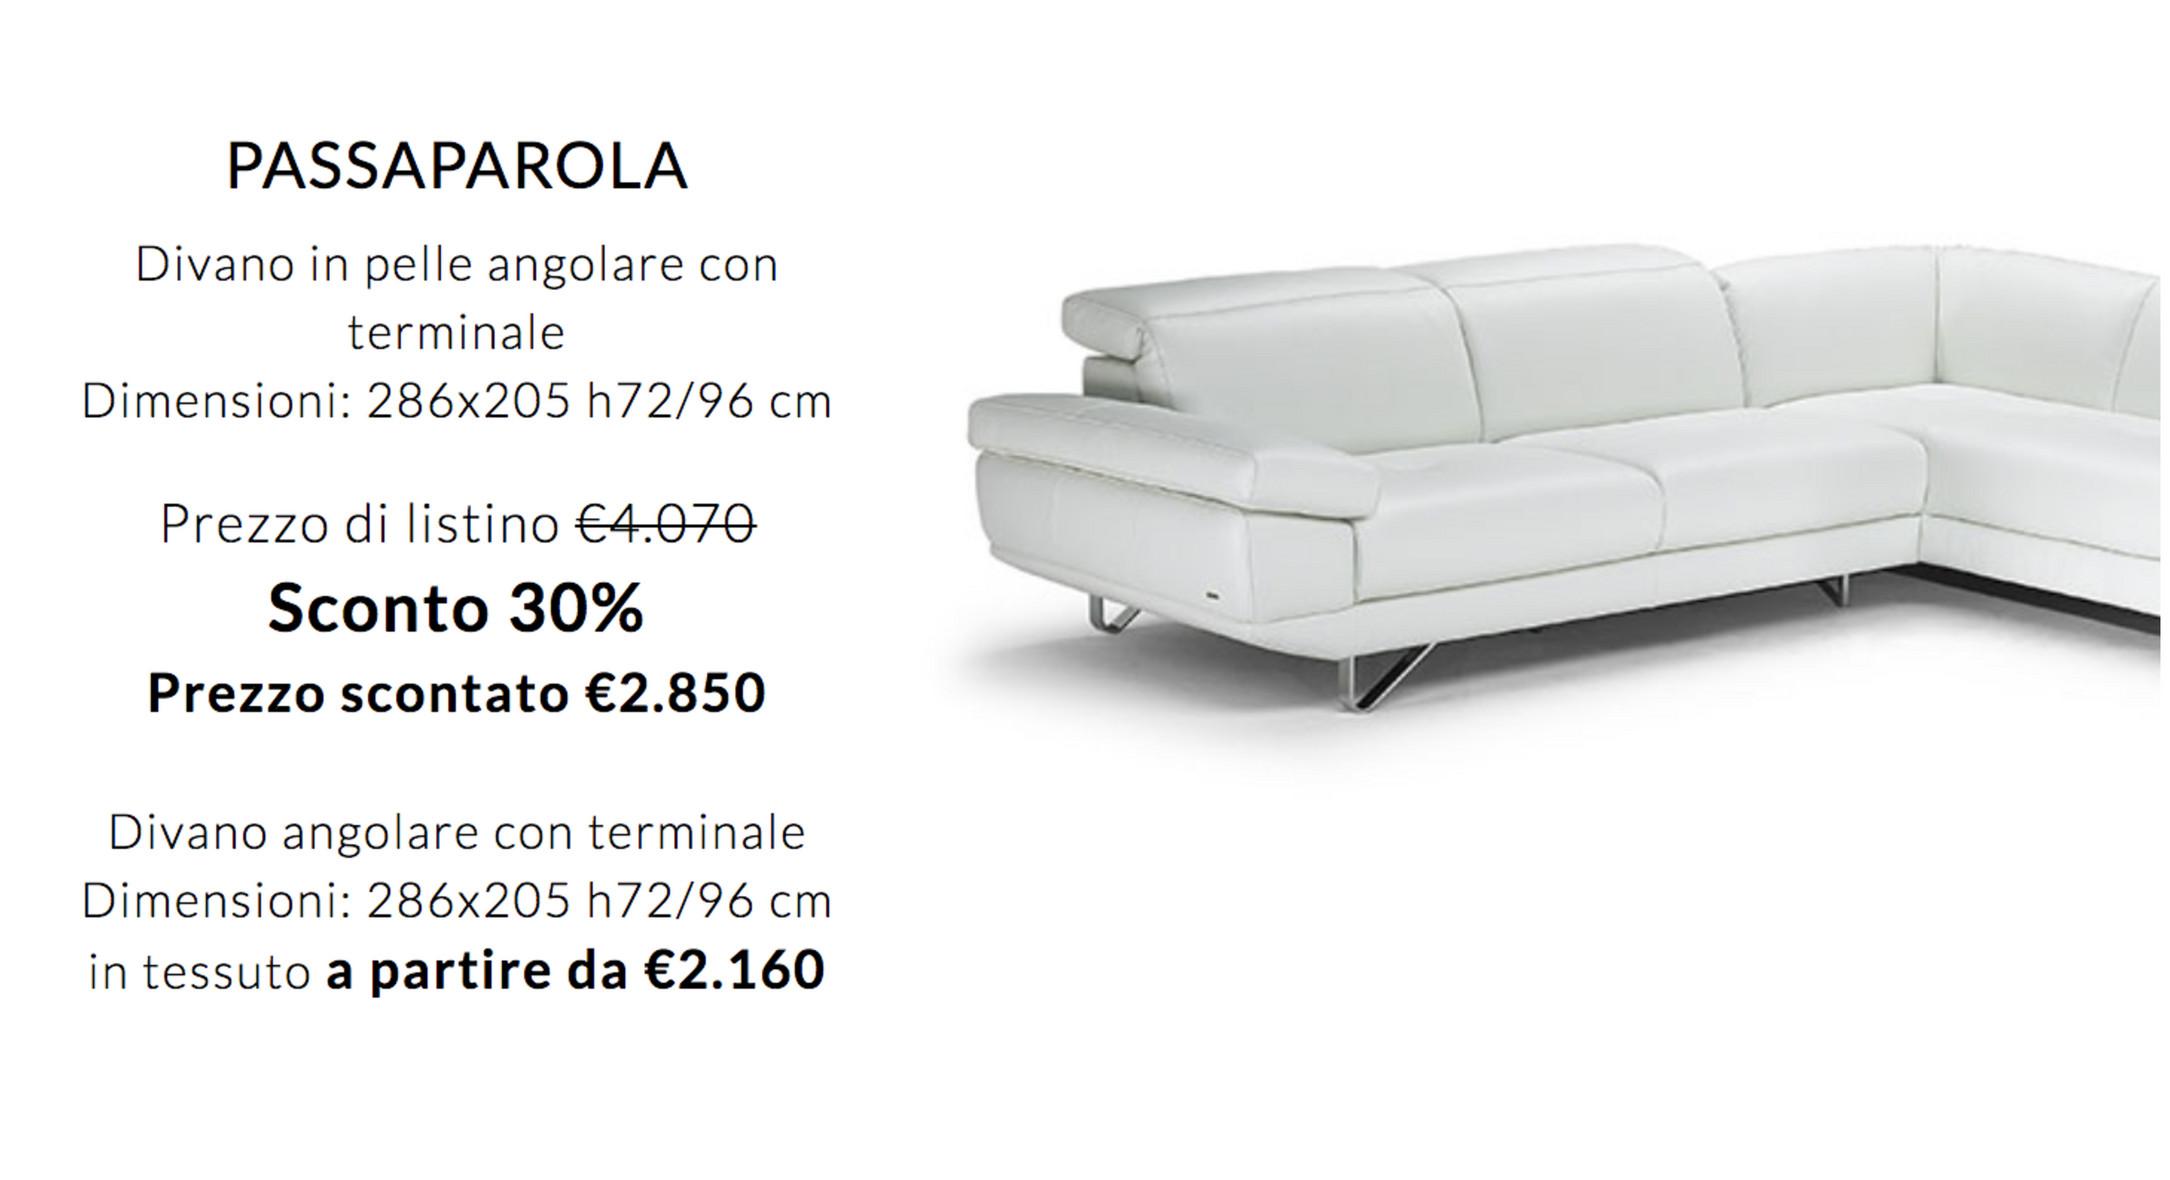 VolantinoFacile - Volantino divani e divani \